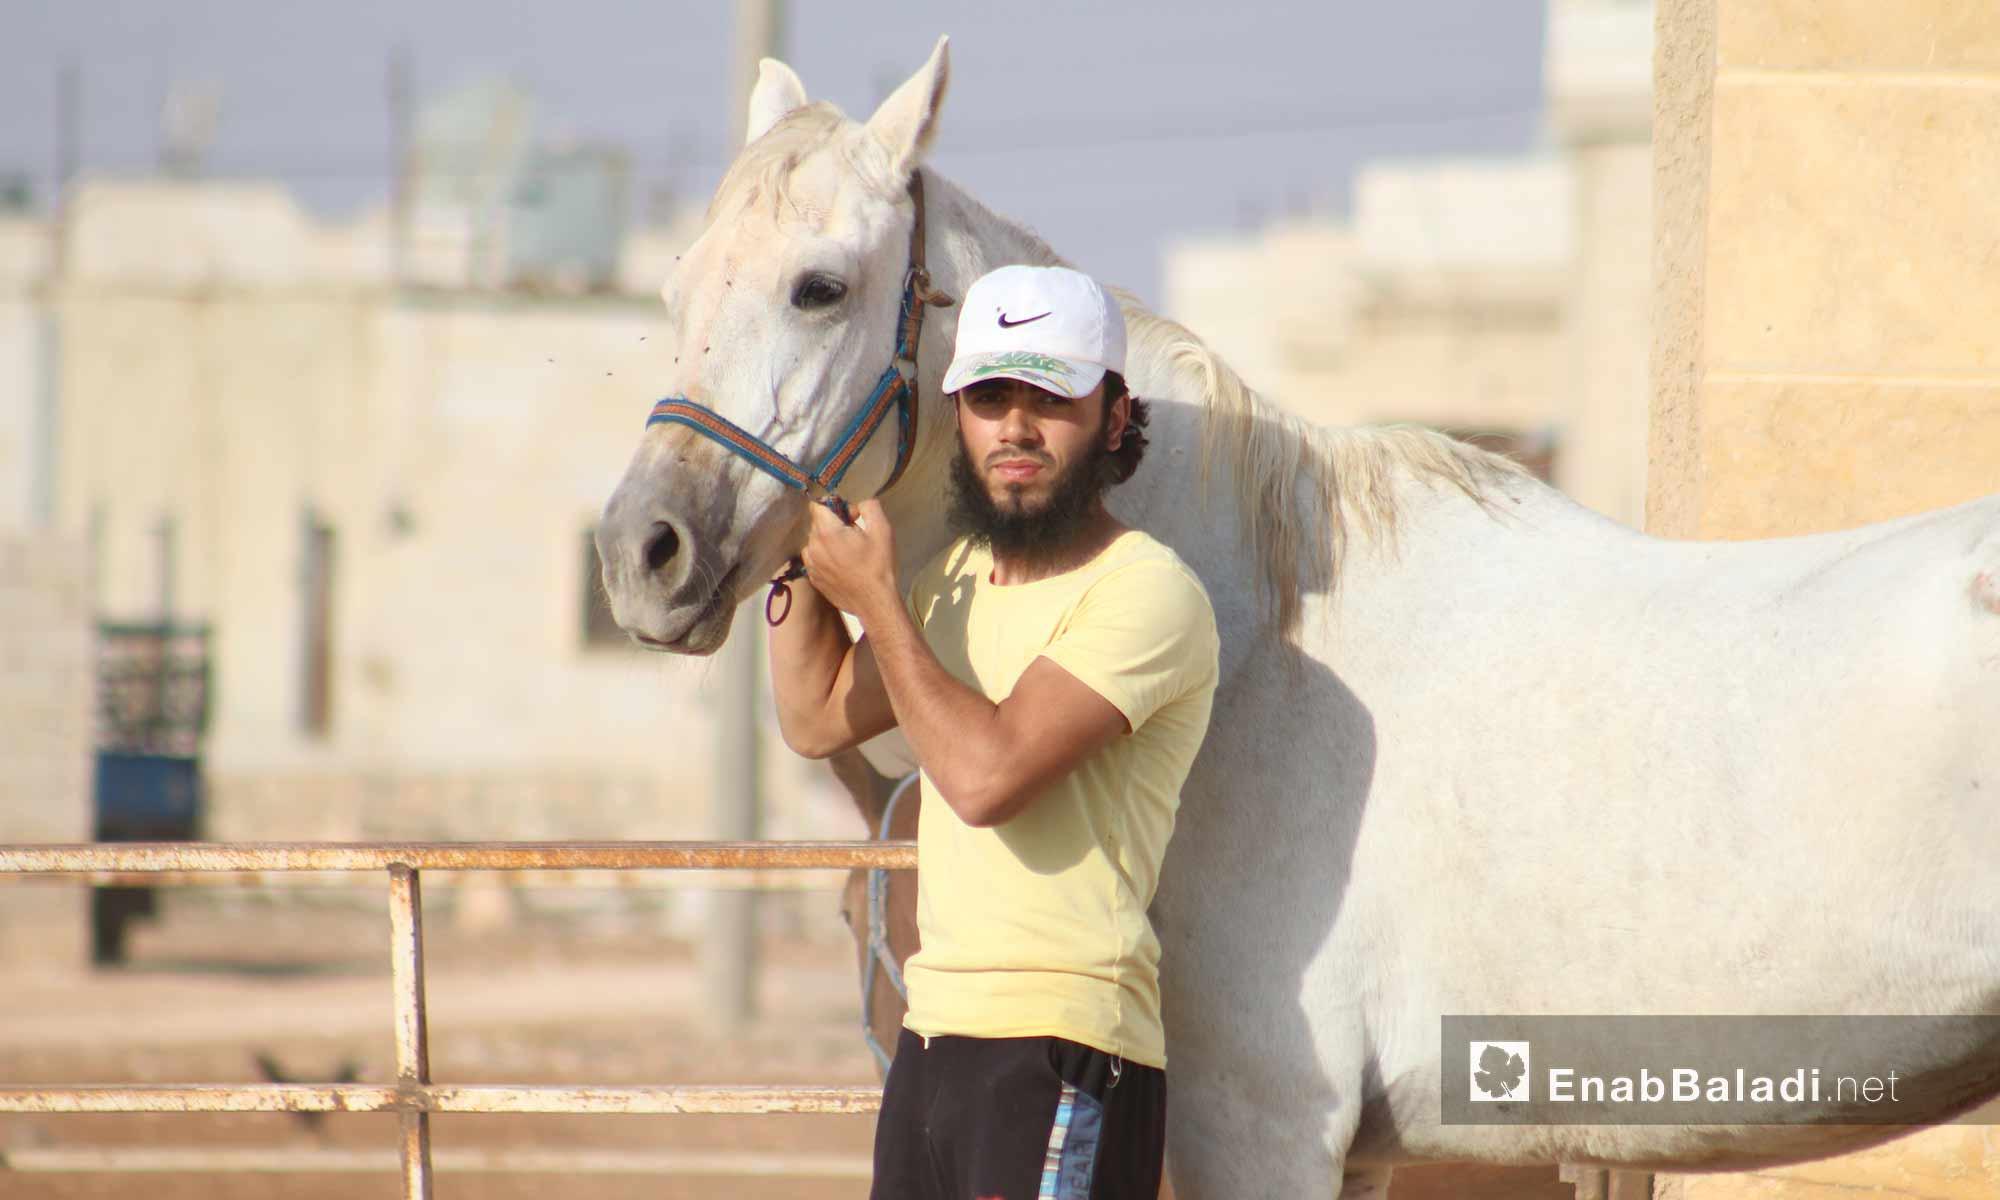 أحد مرابط الخيول العربية الأصيلة في ريف حلب الجنوبي - أيلول 2017 (عنب بلدي)